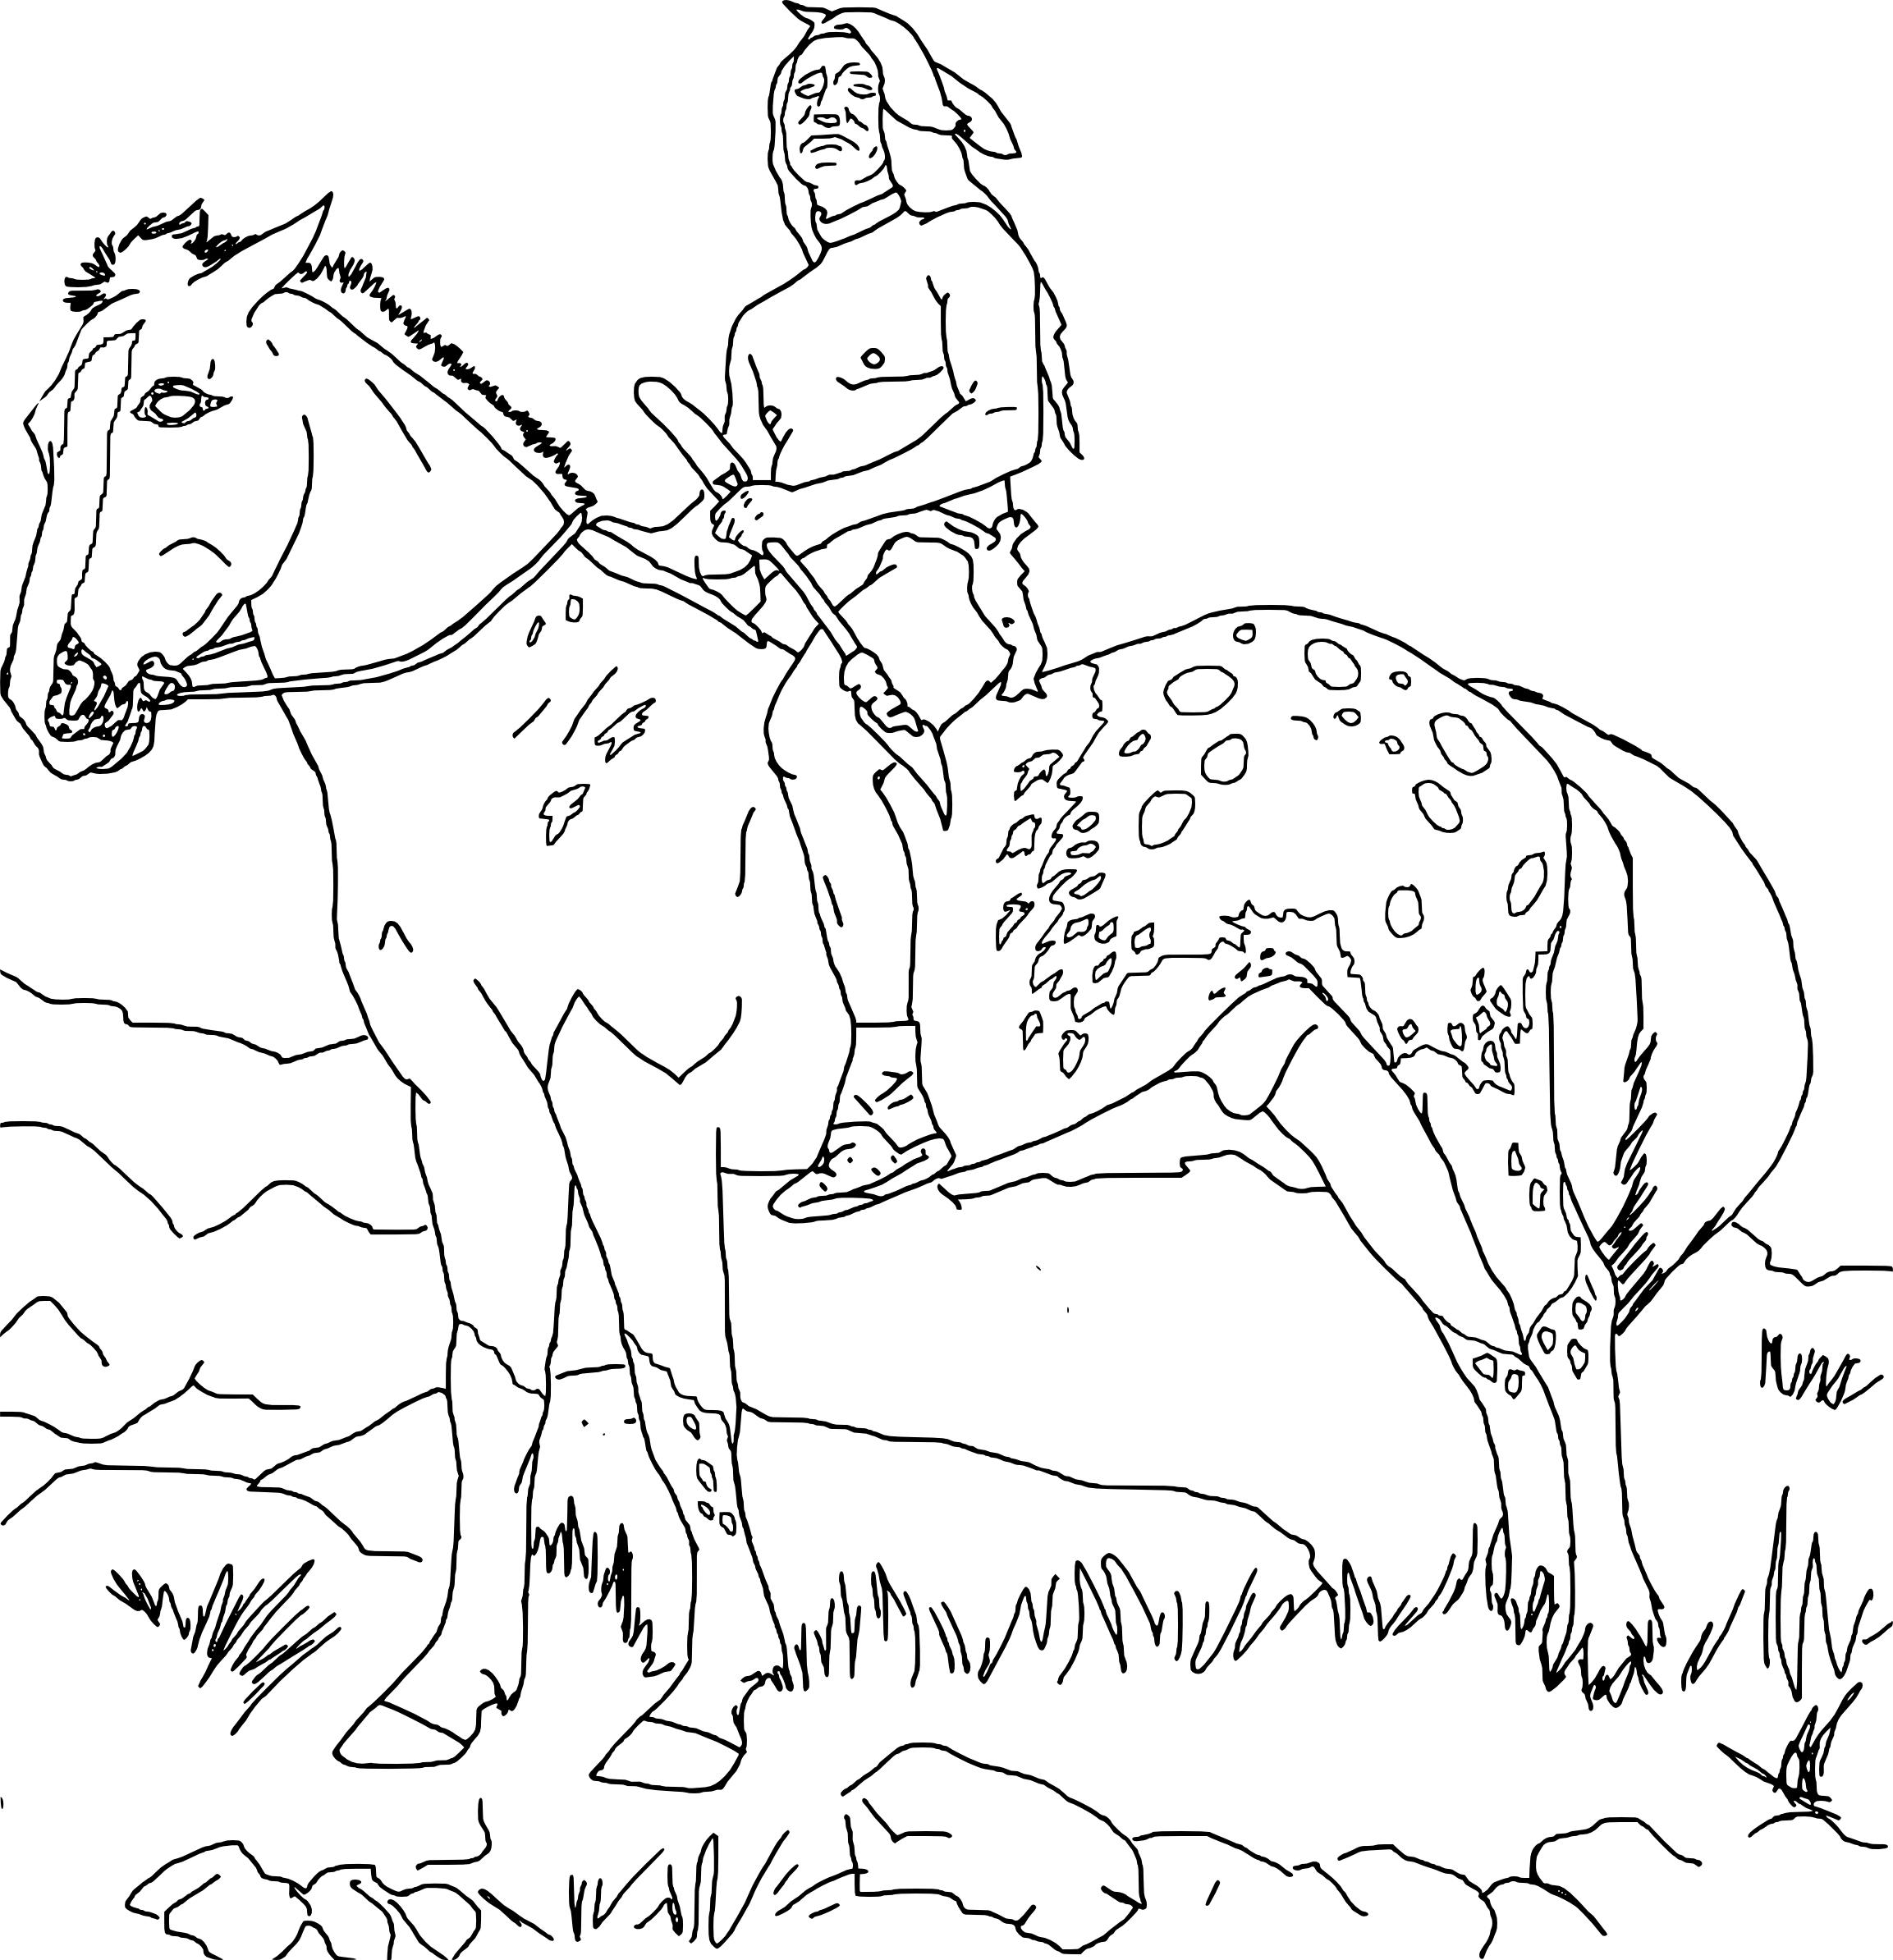 Coloriage Cheval Indien.Coloriage Indien Sur Un Cheval A Imprimer Et Colorier